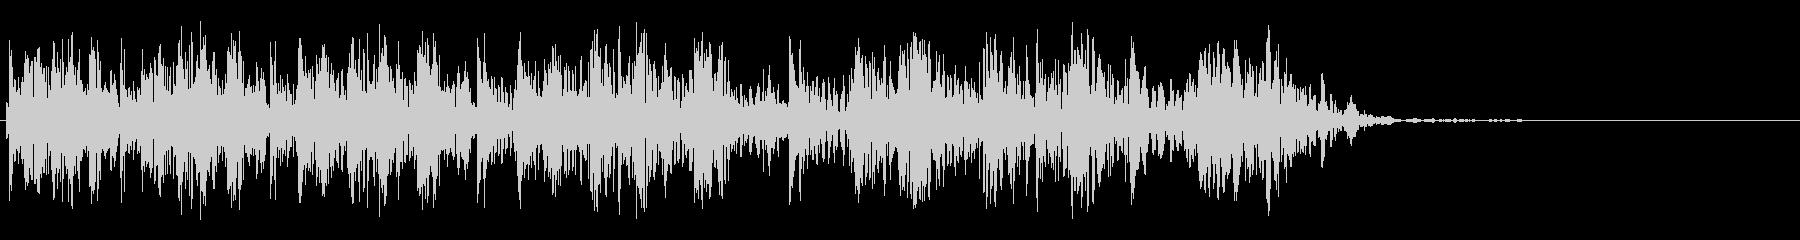 ビッグスパッタ2の未再生の波形